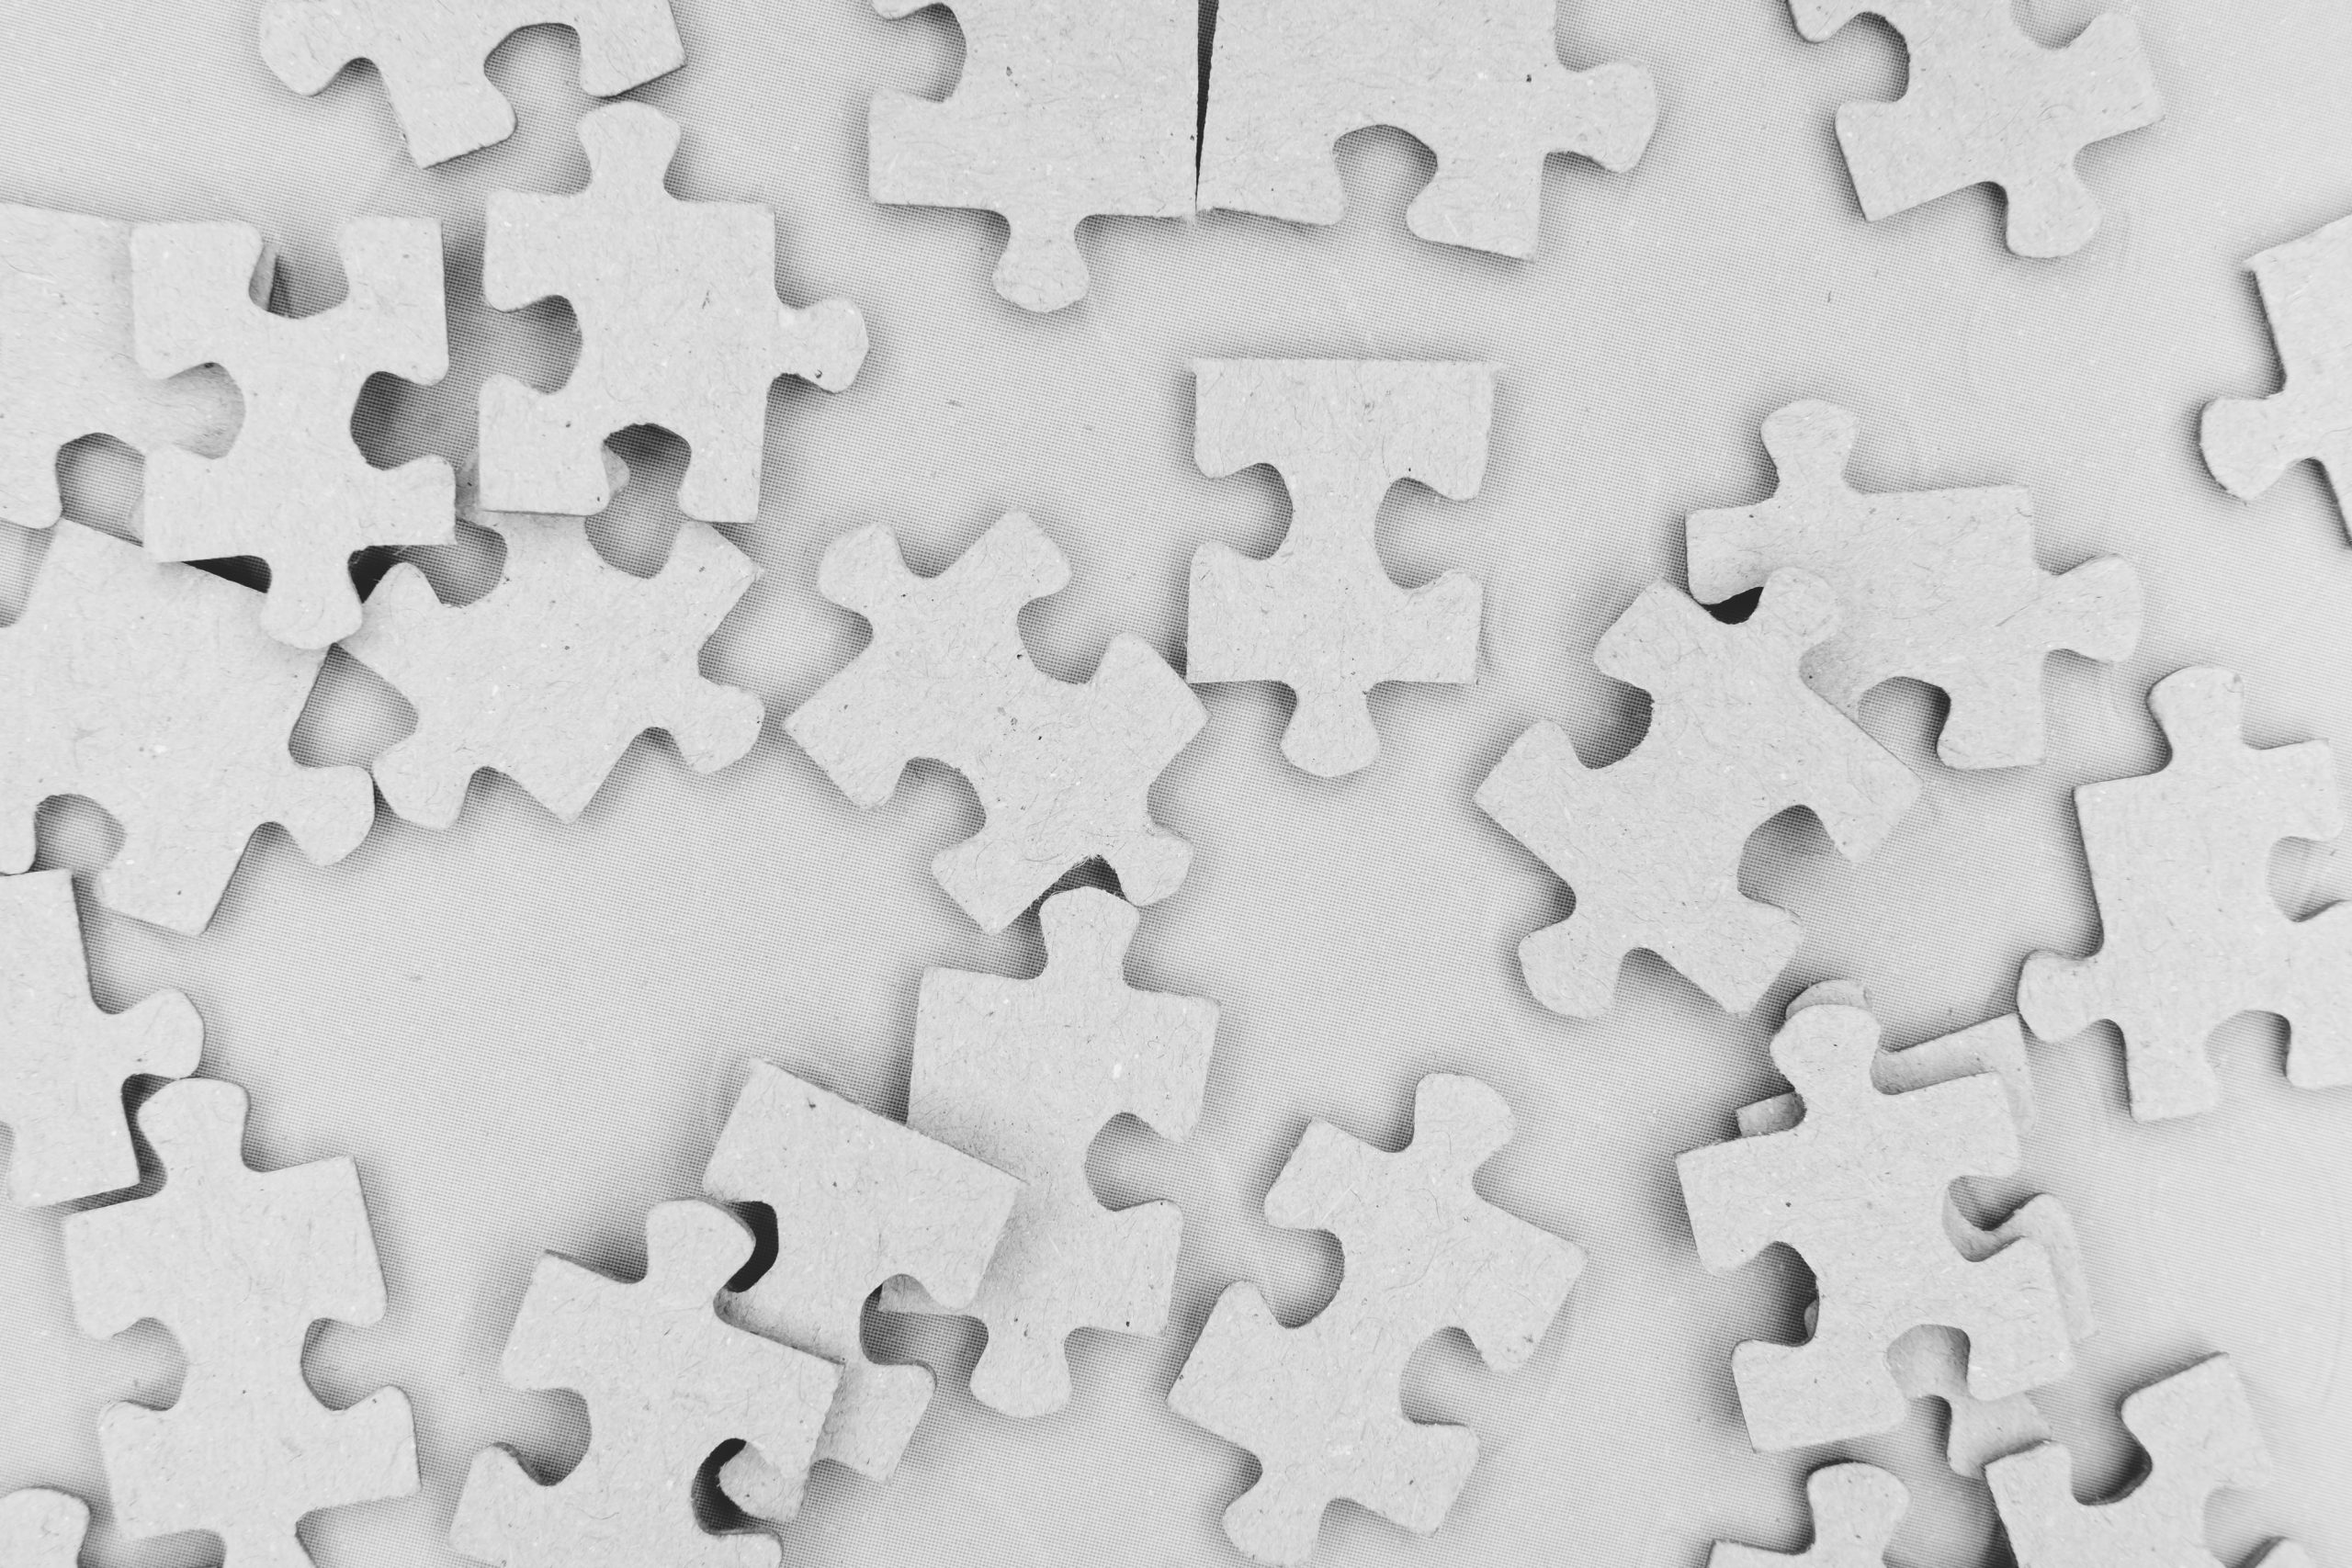 Perte de mémoire et de concentration : reconnaître les troubles